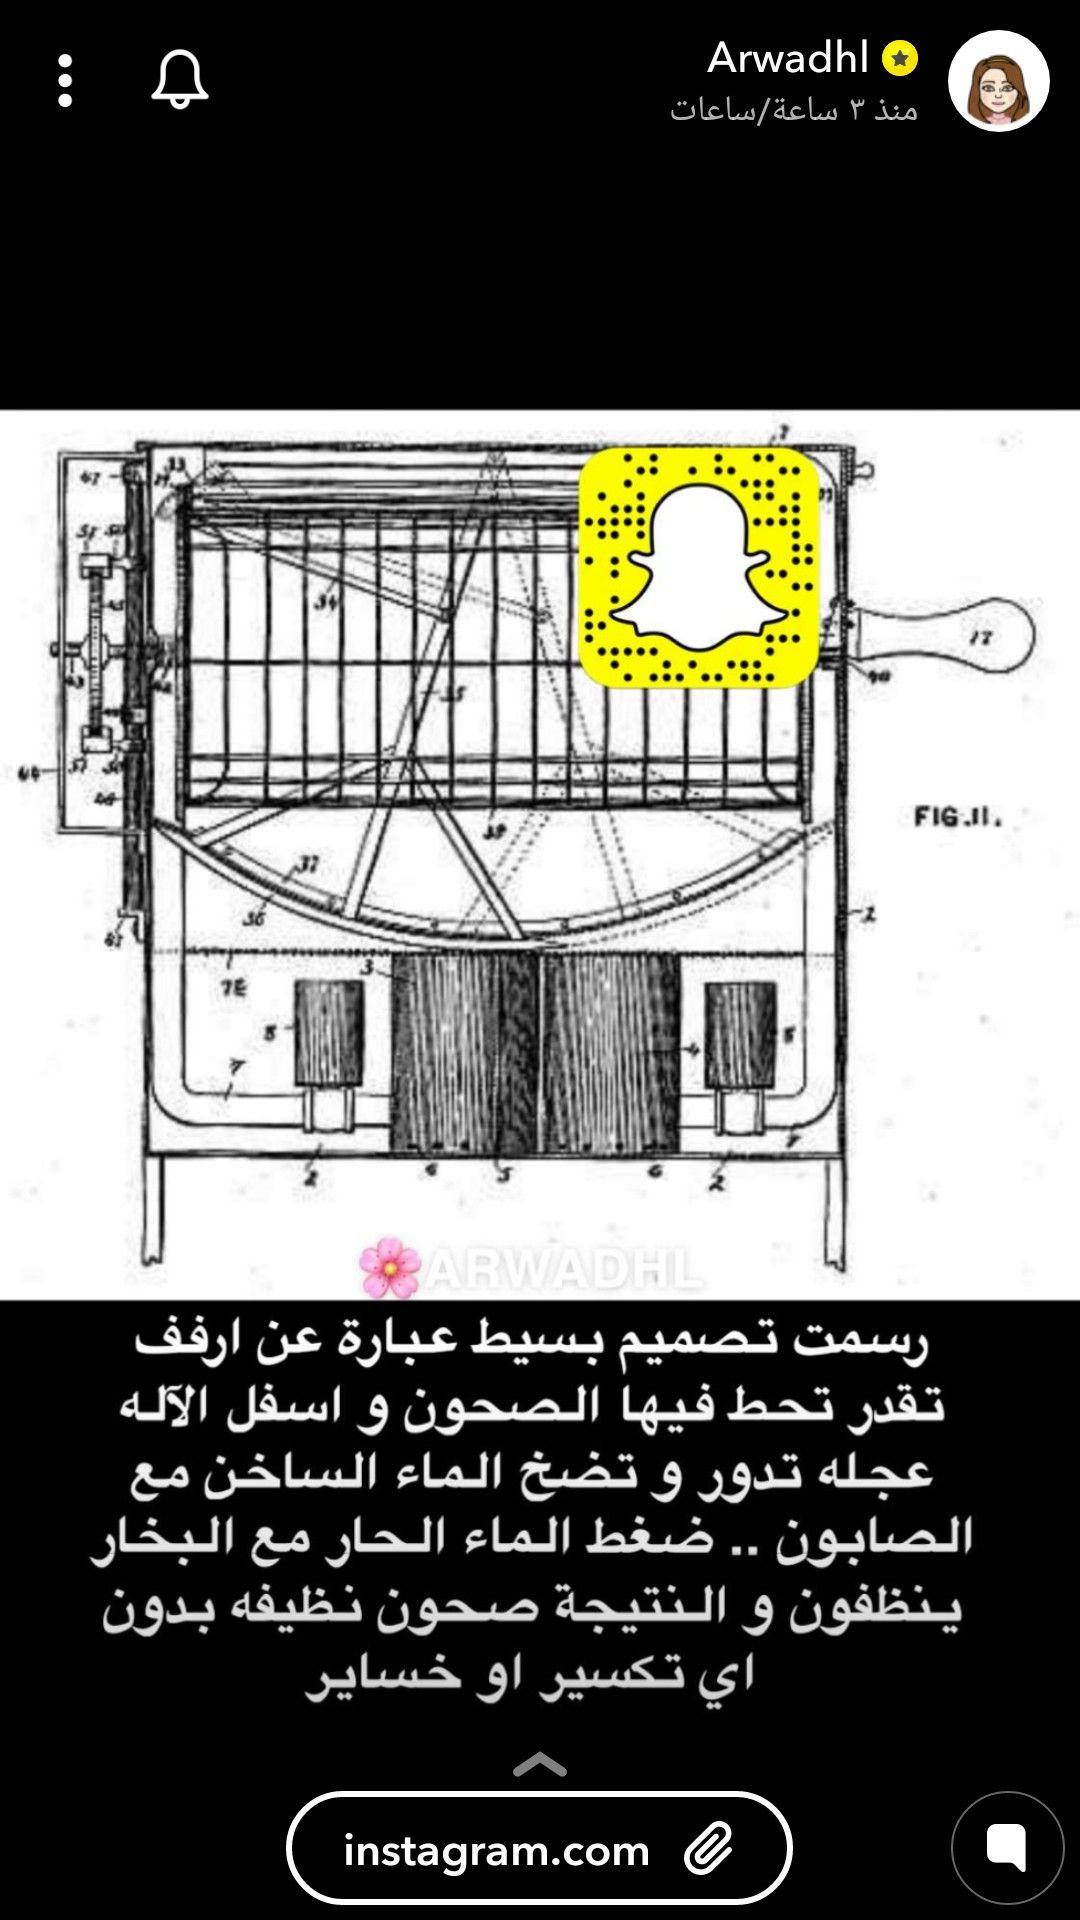 Pin by Raneem on قصص اروى_الدهال سناب in 2020